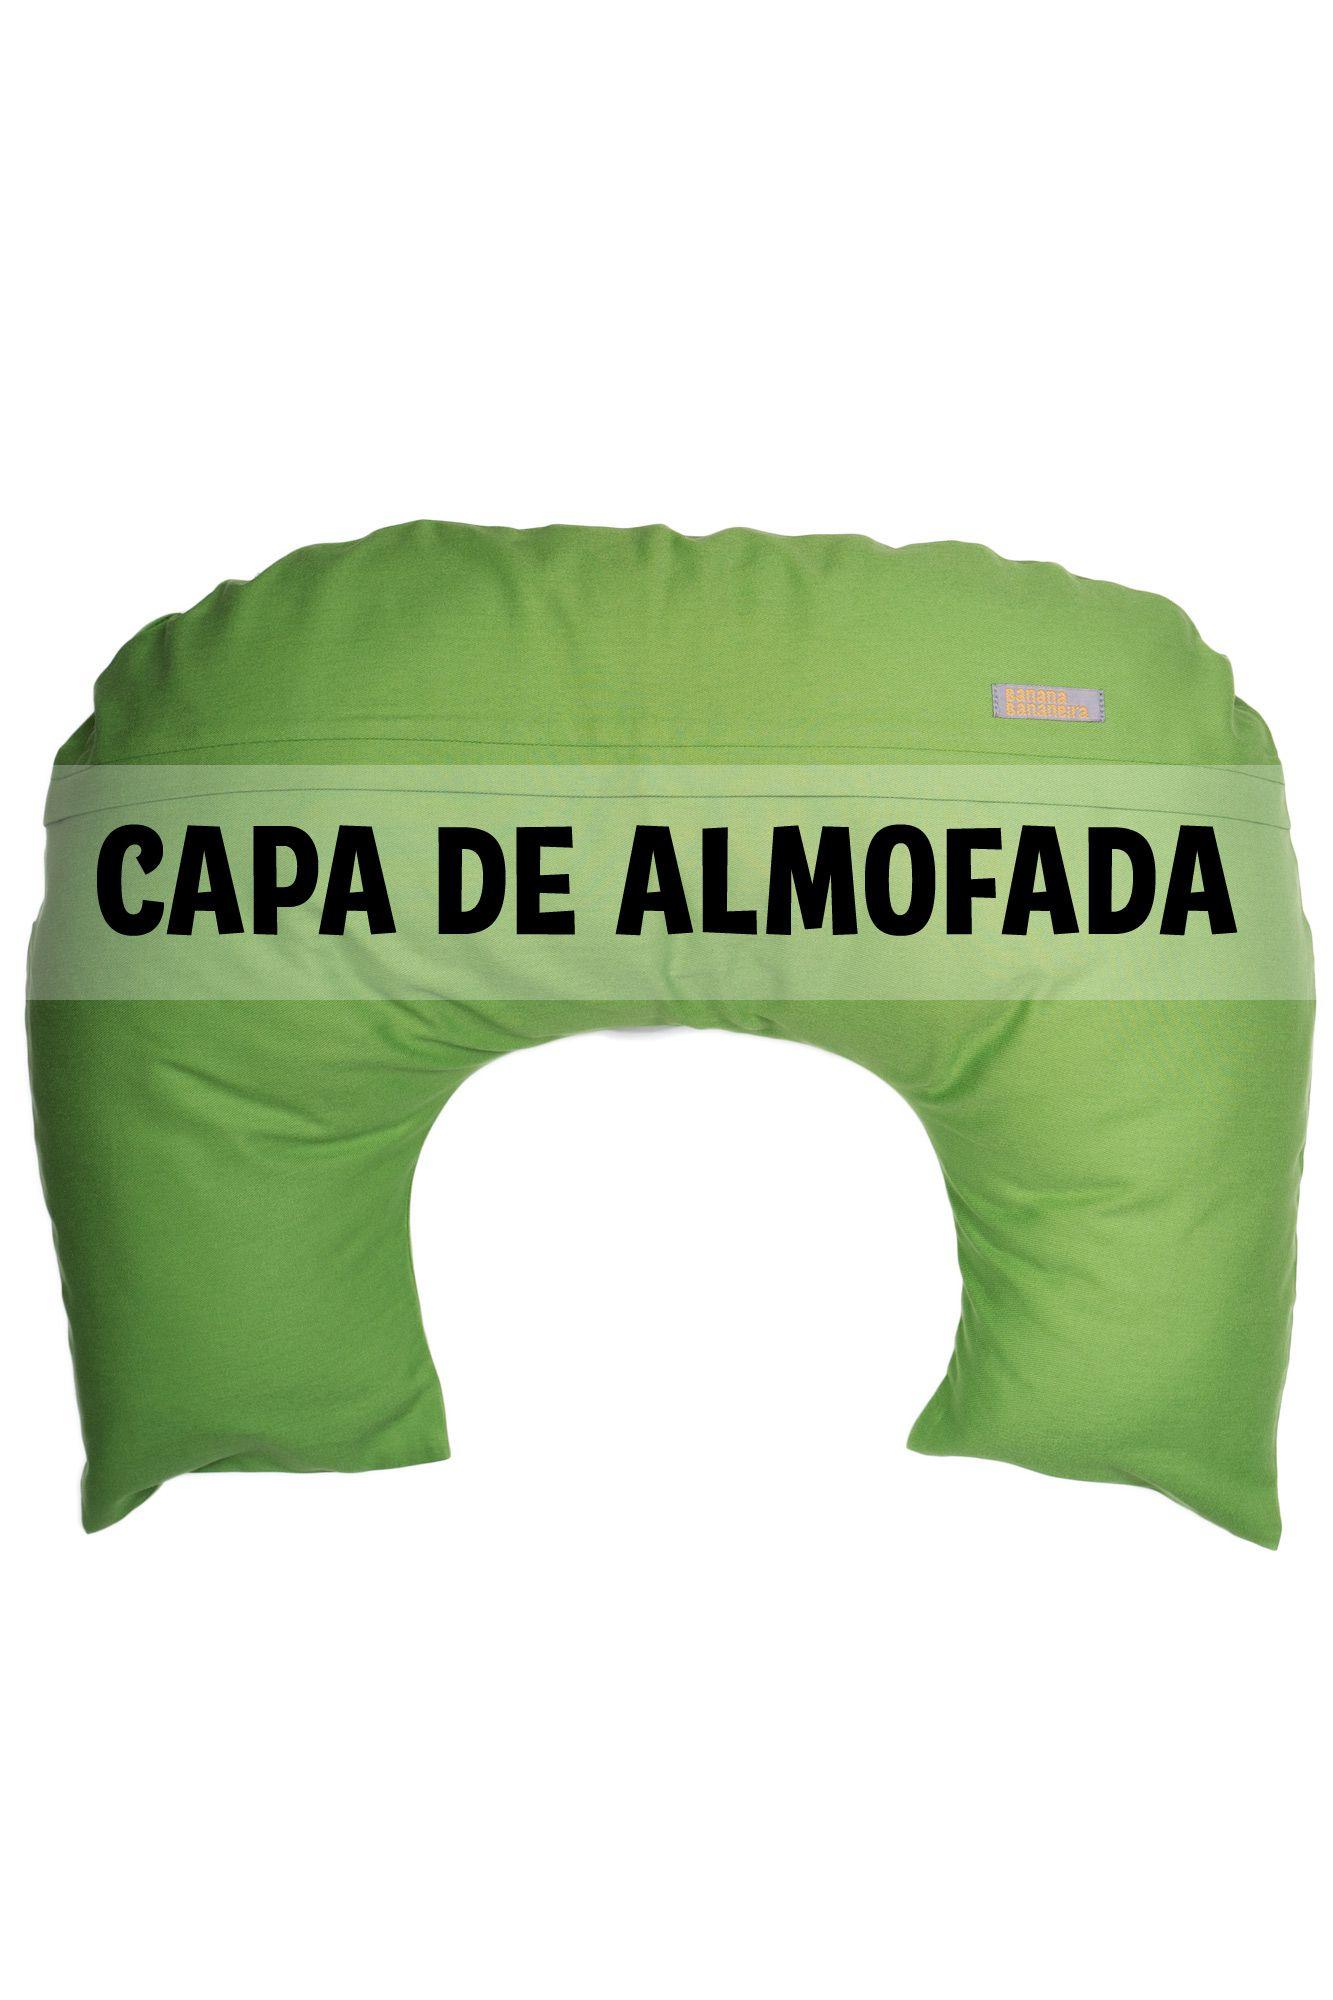 Capa de almofada de amamentação verde